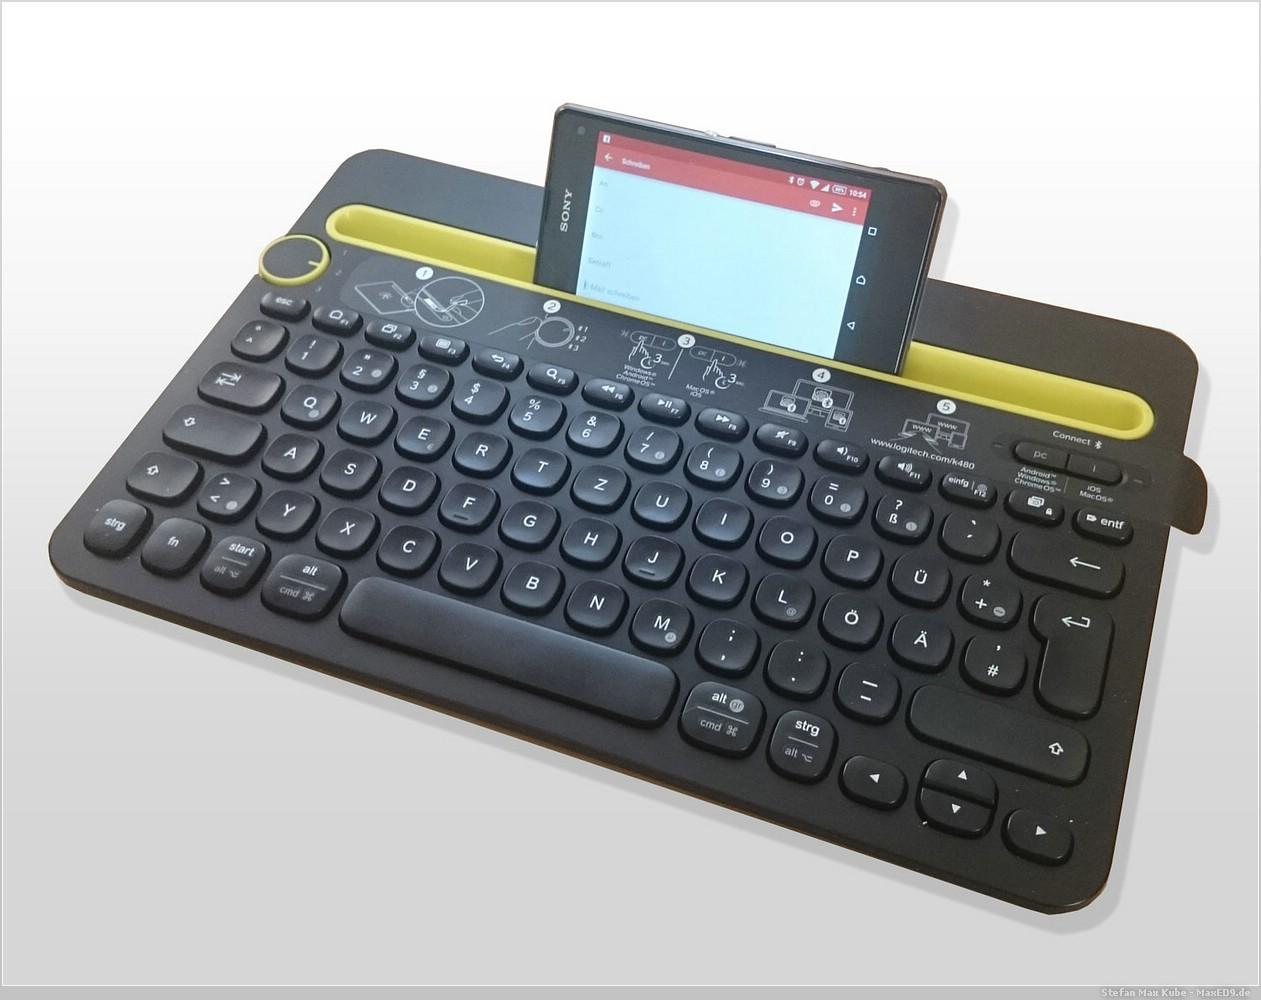 Sony Xperia Z1 compact und Logitech K480